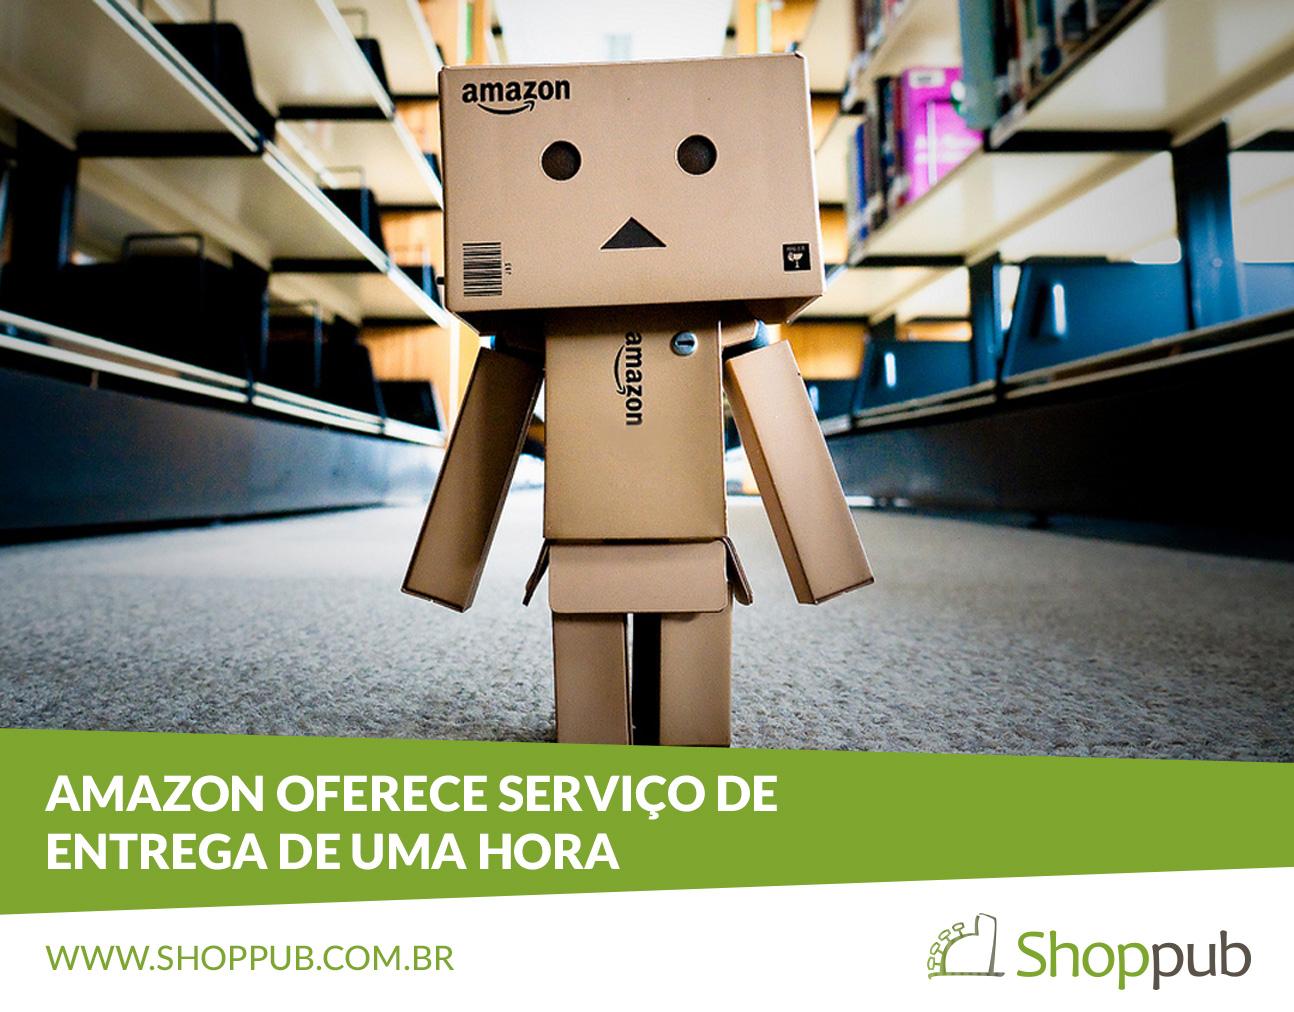 Amazon - Entrega de Uma Hora